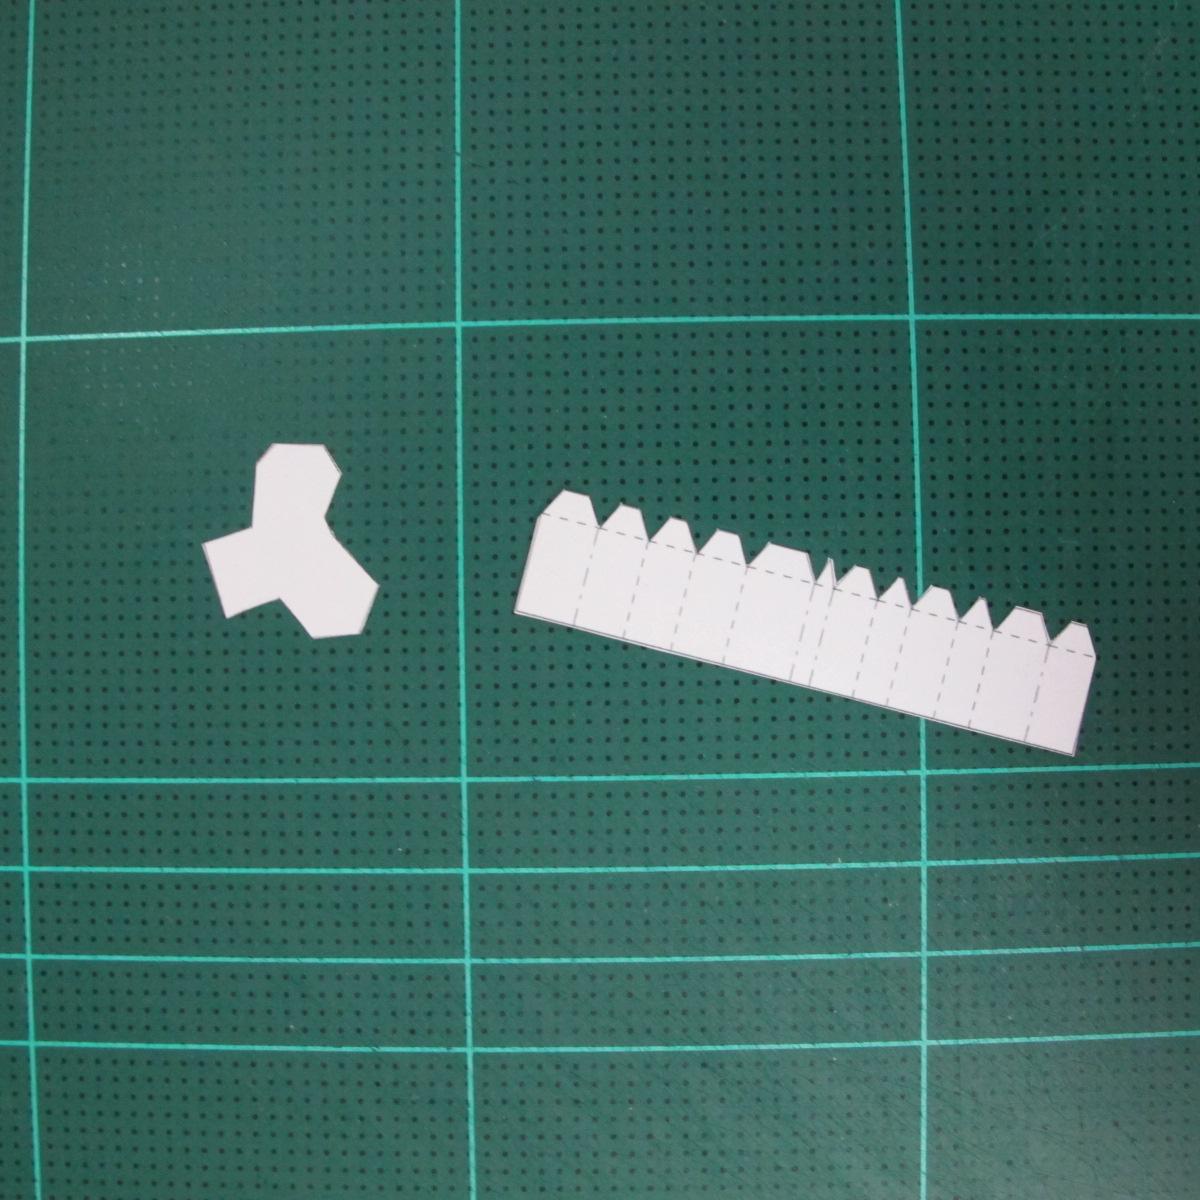 วิธีทำโมเดลกระดาษตุ้กตา คุกกี้ รัน คุกกี้รสซอมบี้ (LINE Cookie Run Zombie Cookie Papercraft Model) 006